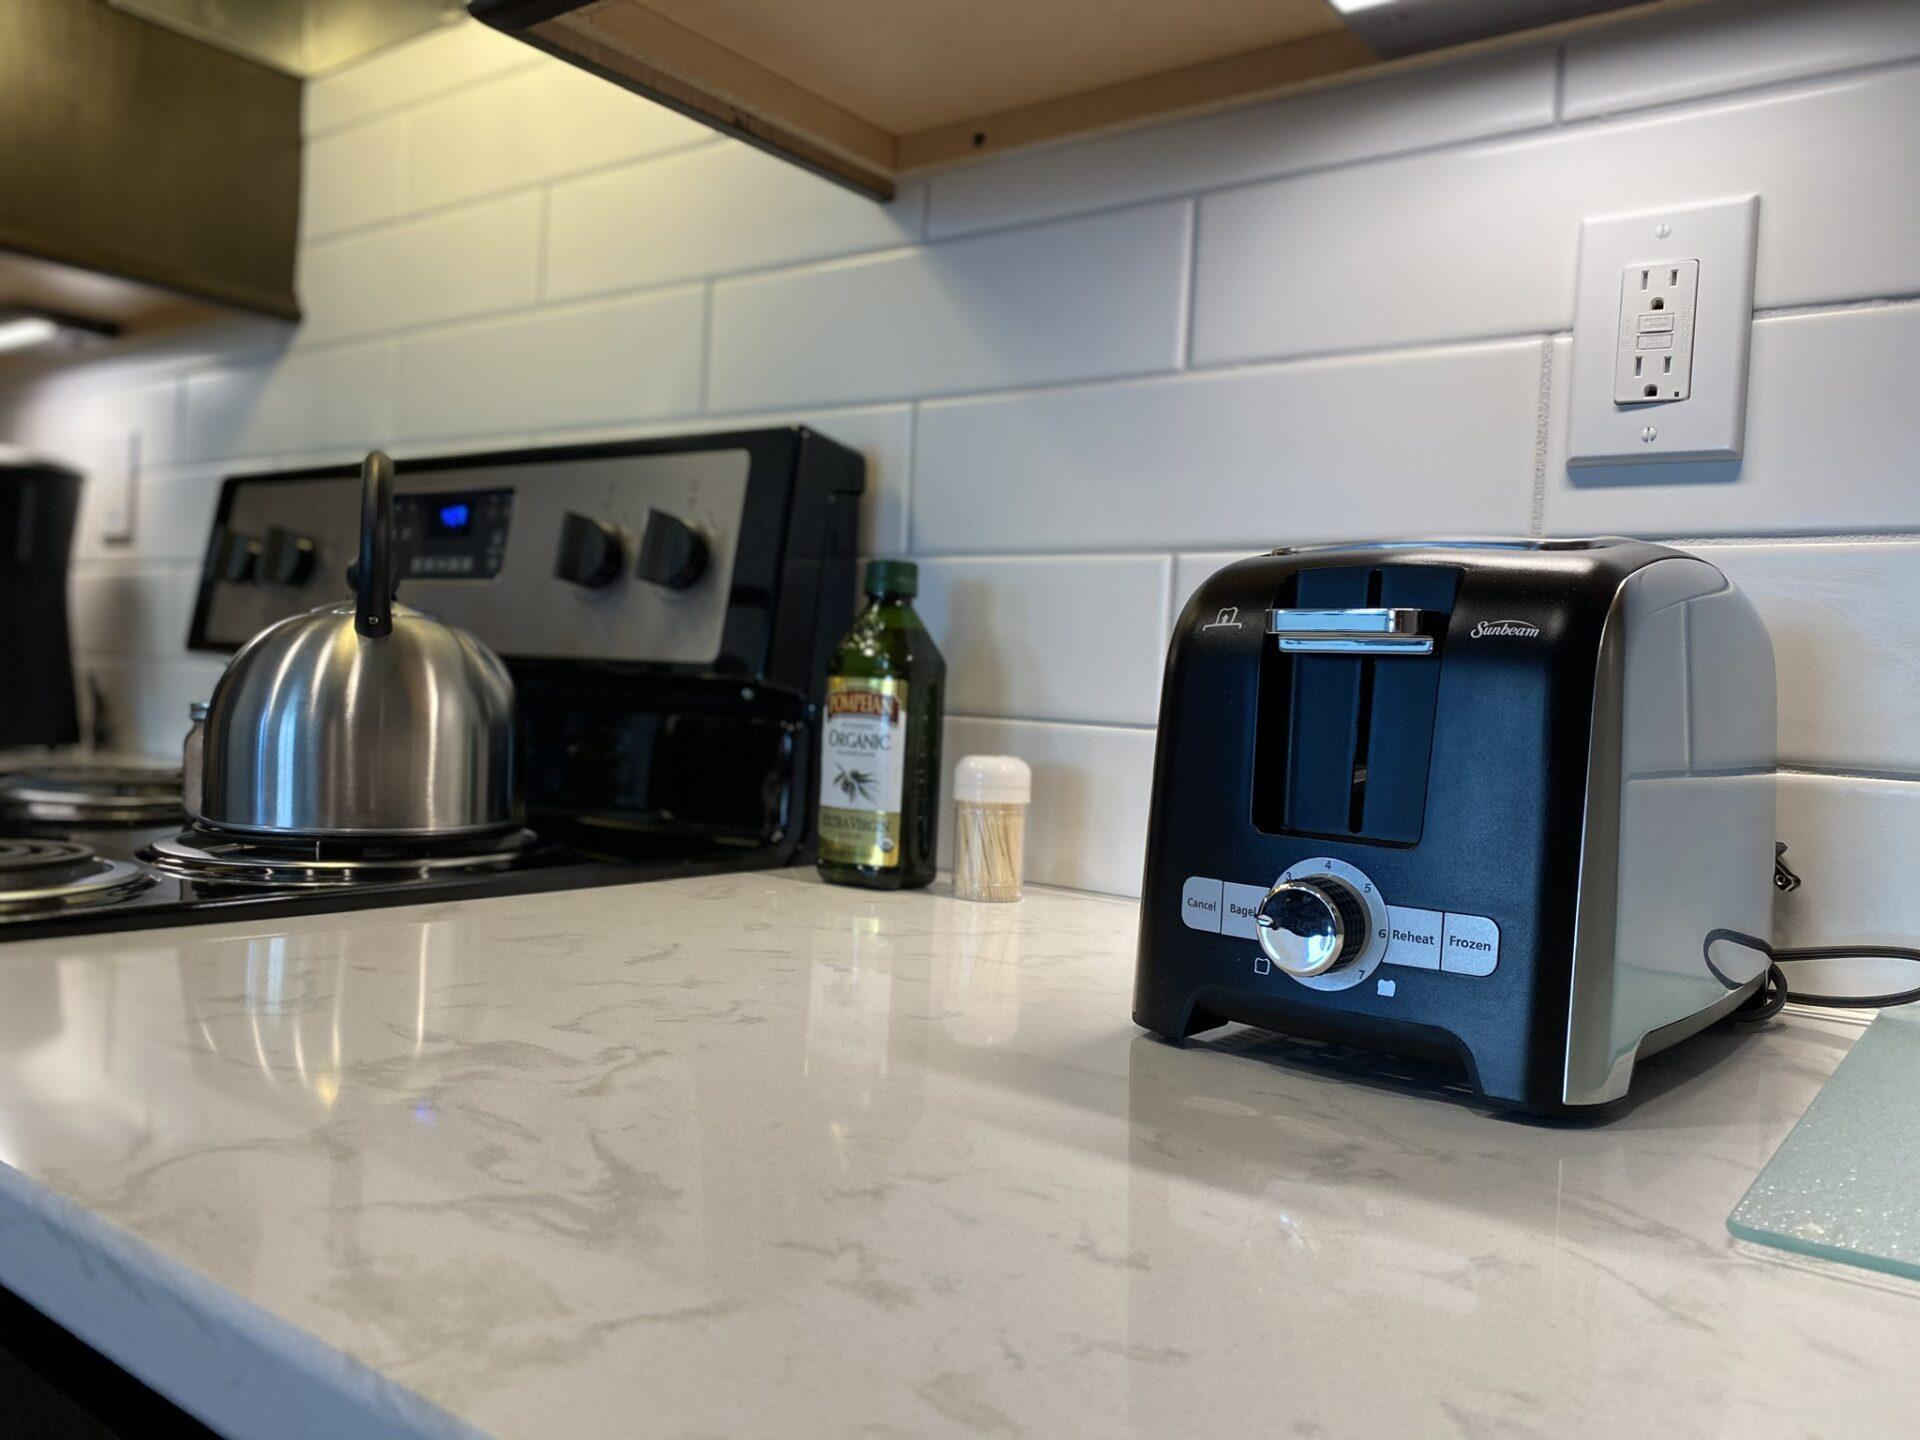 Toaster-